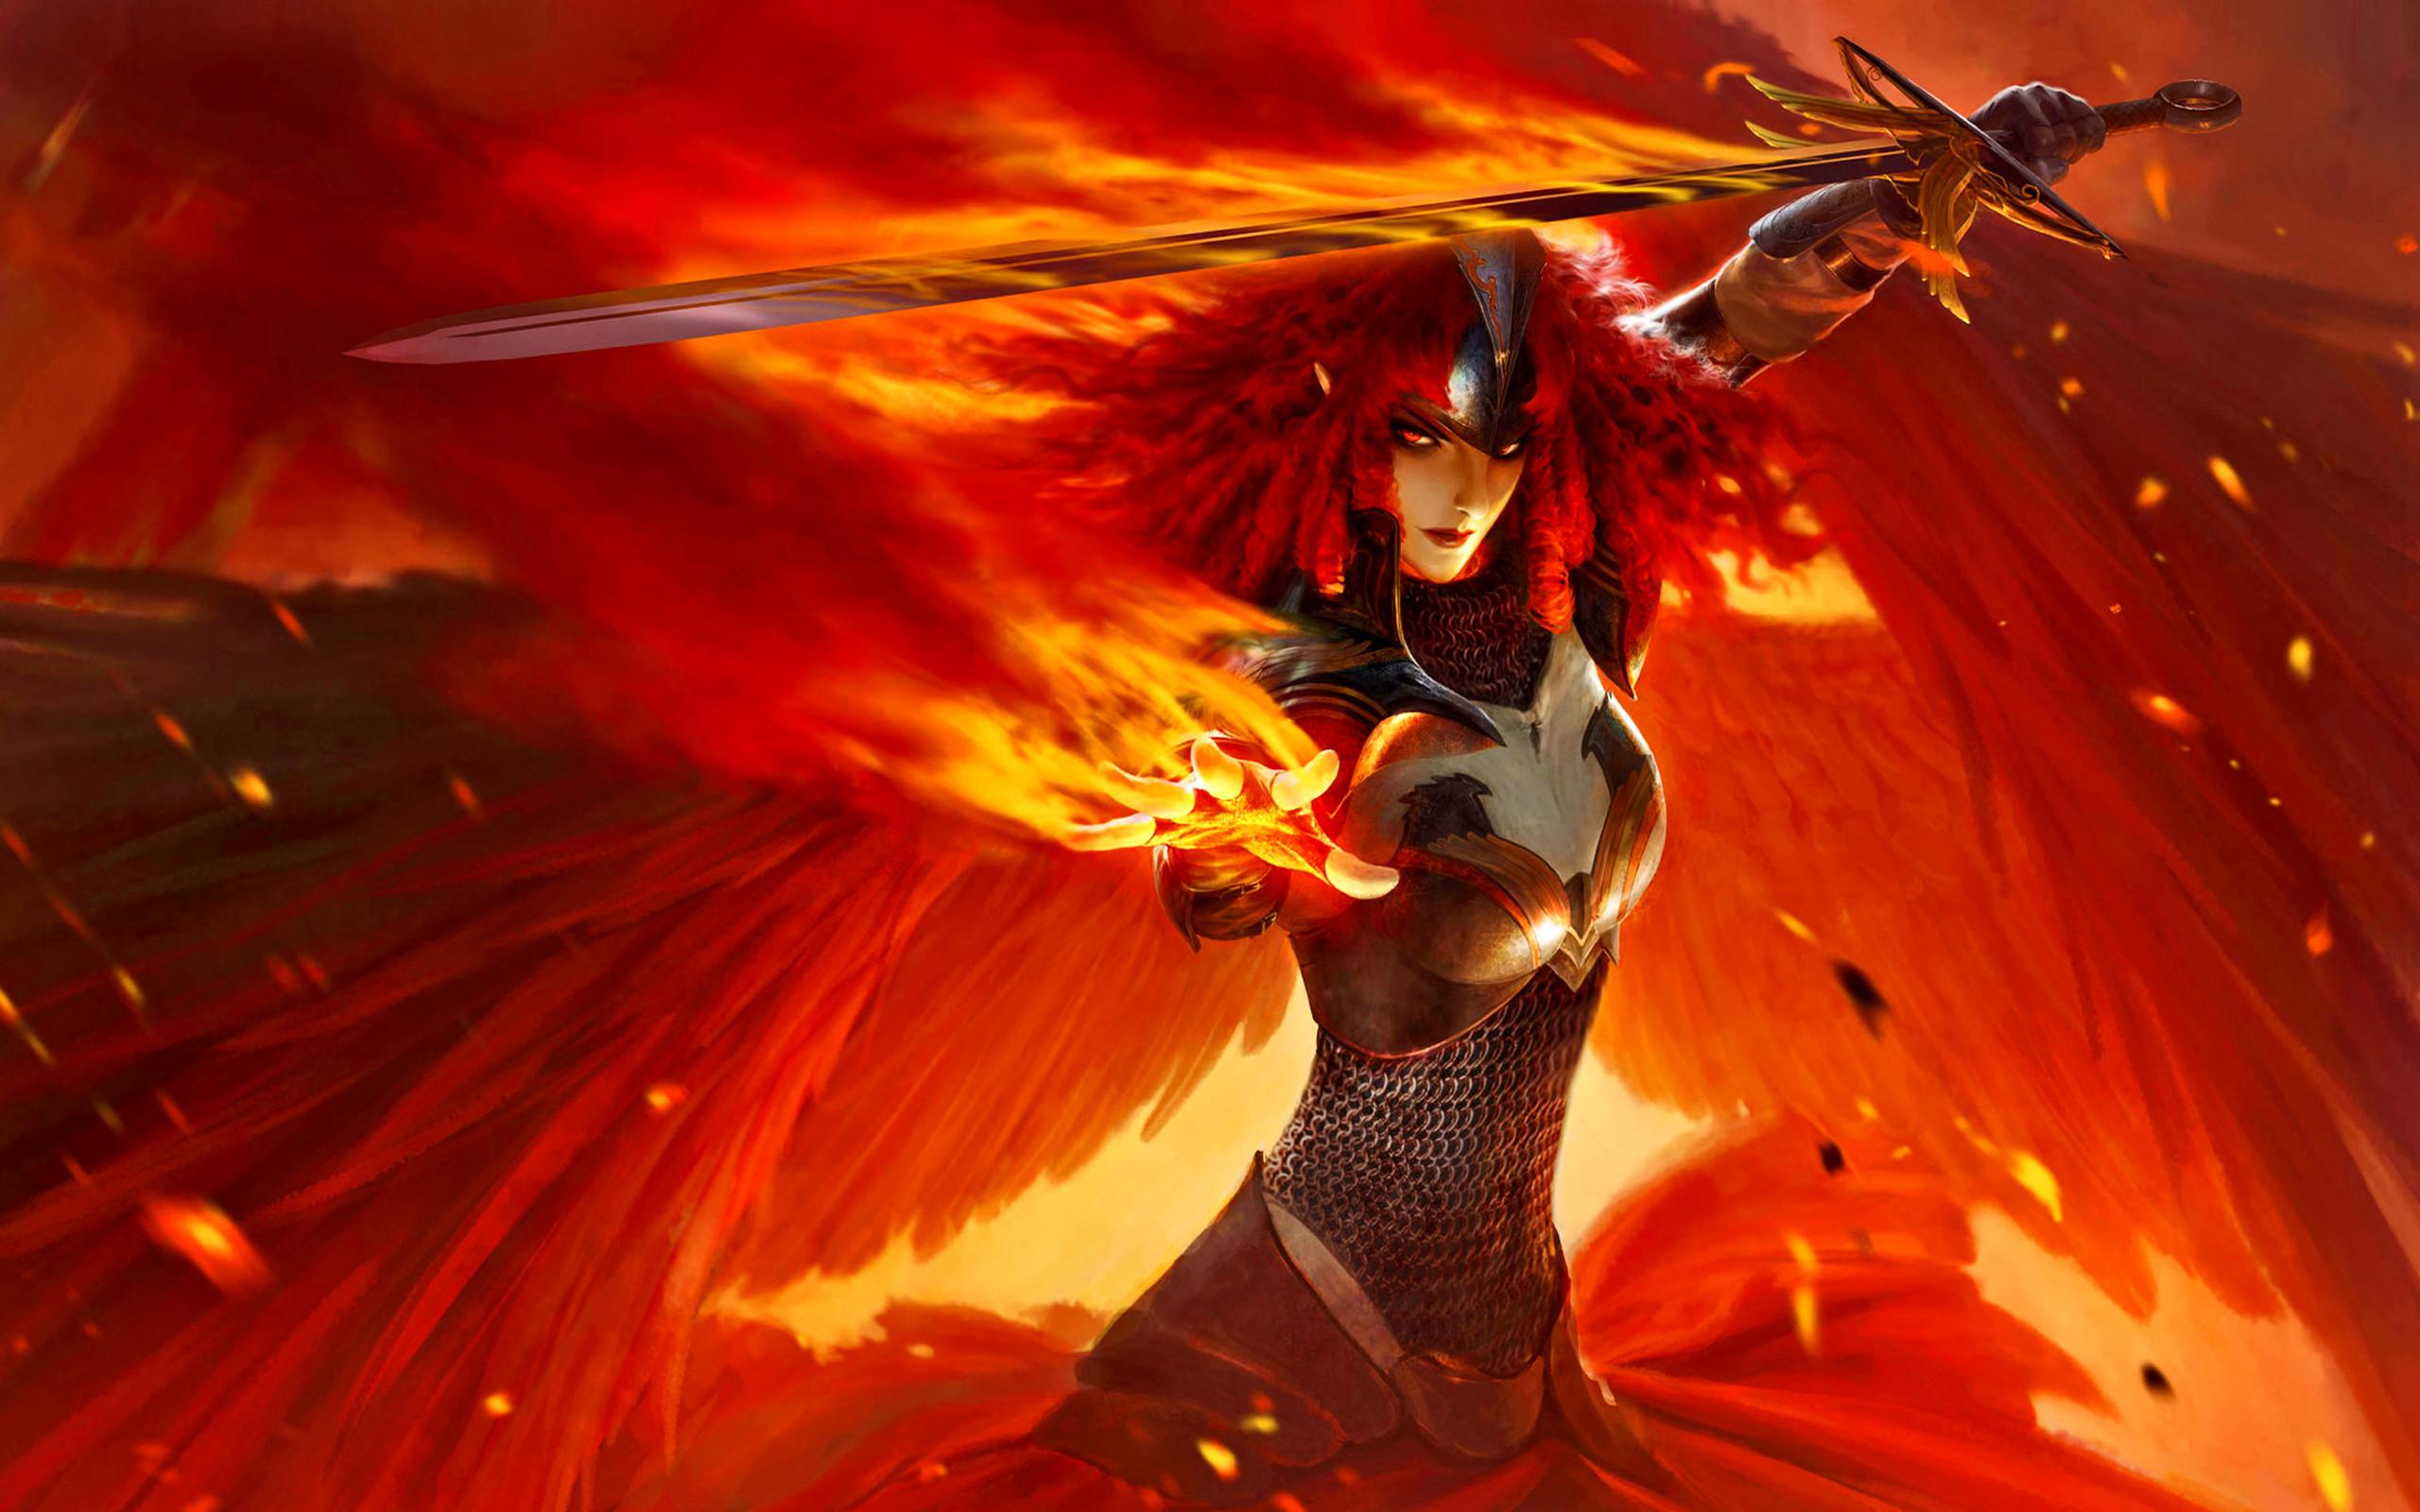 Fantasy – Angel Warrior Wallpaper